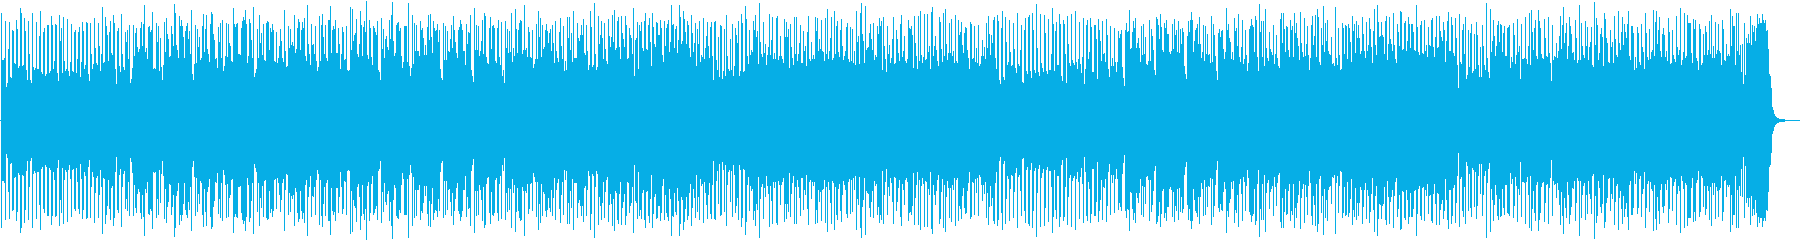 スポーツ番組向きロックギターフュージョンの再生済みの波形